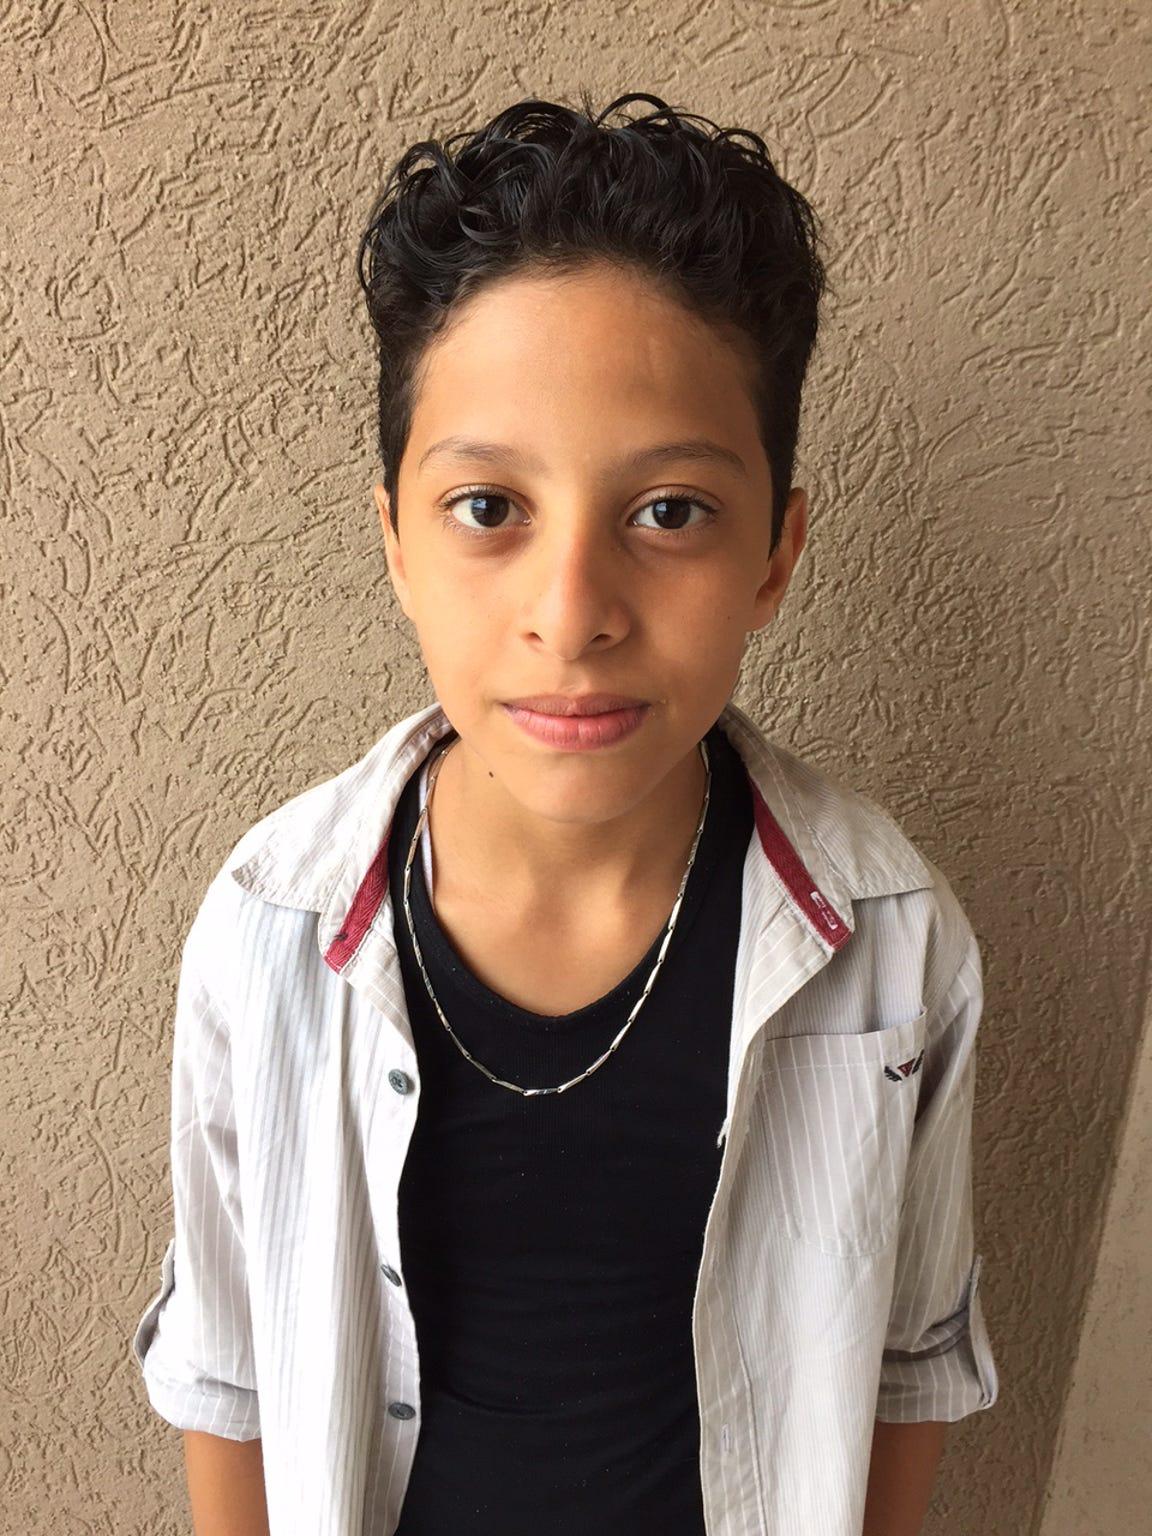 Mohammad Helani, 12.